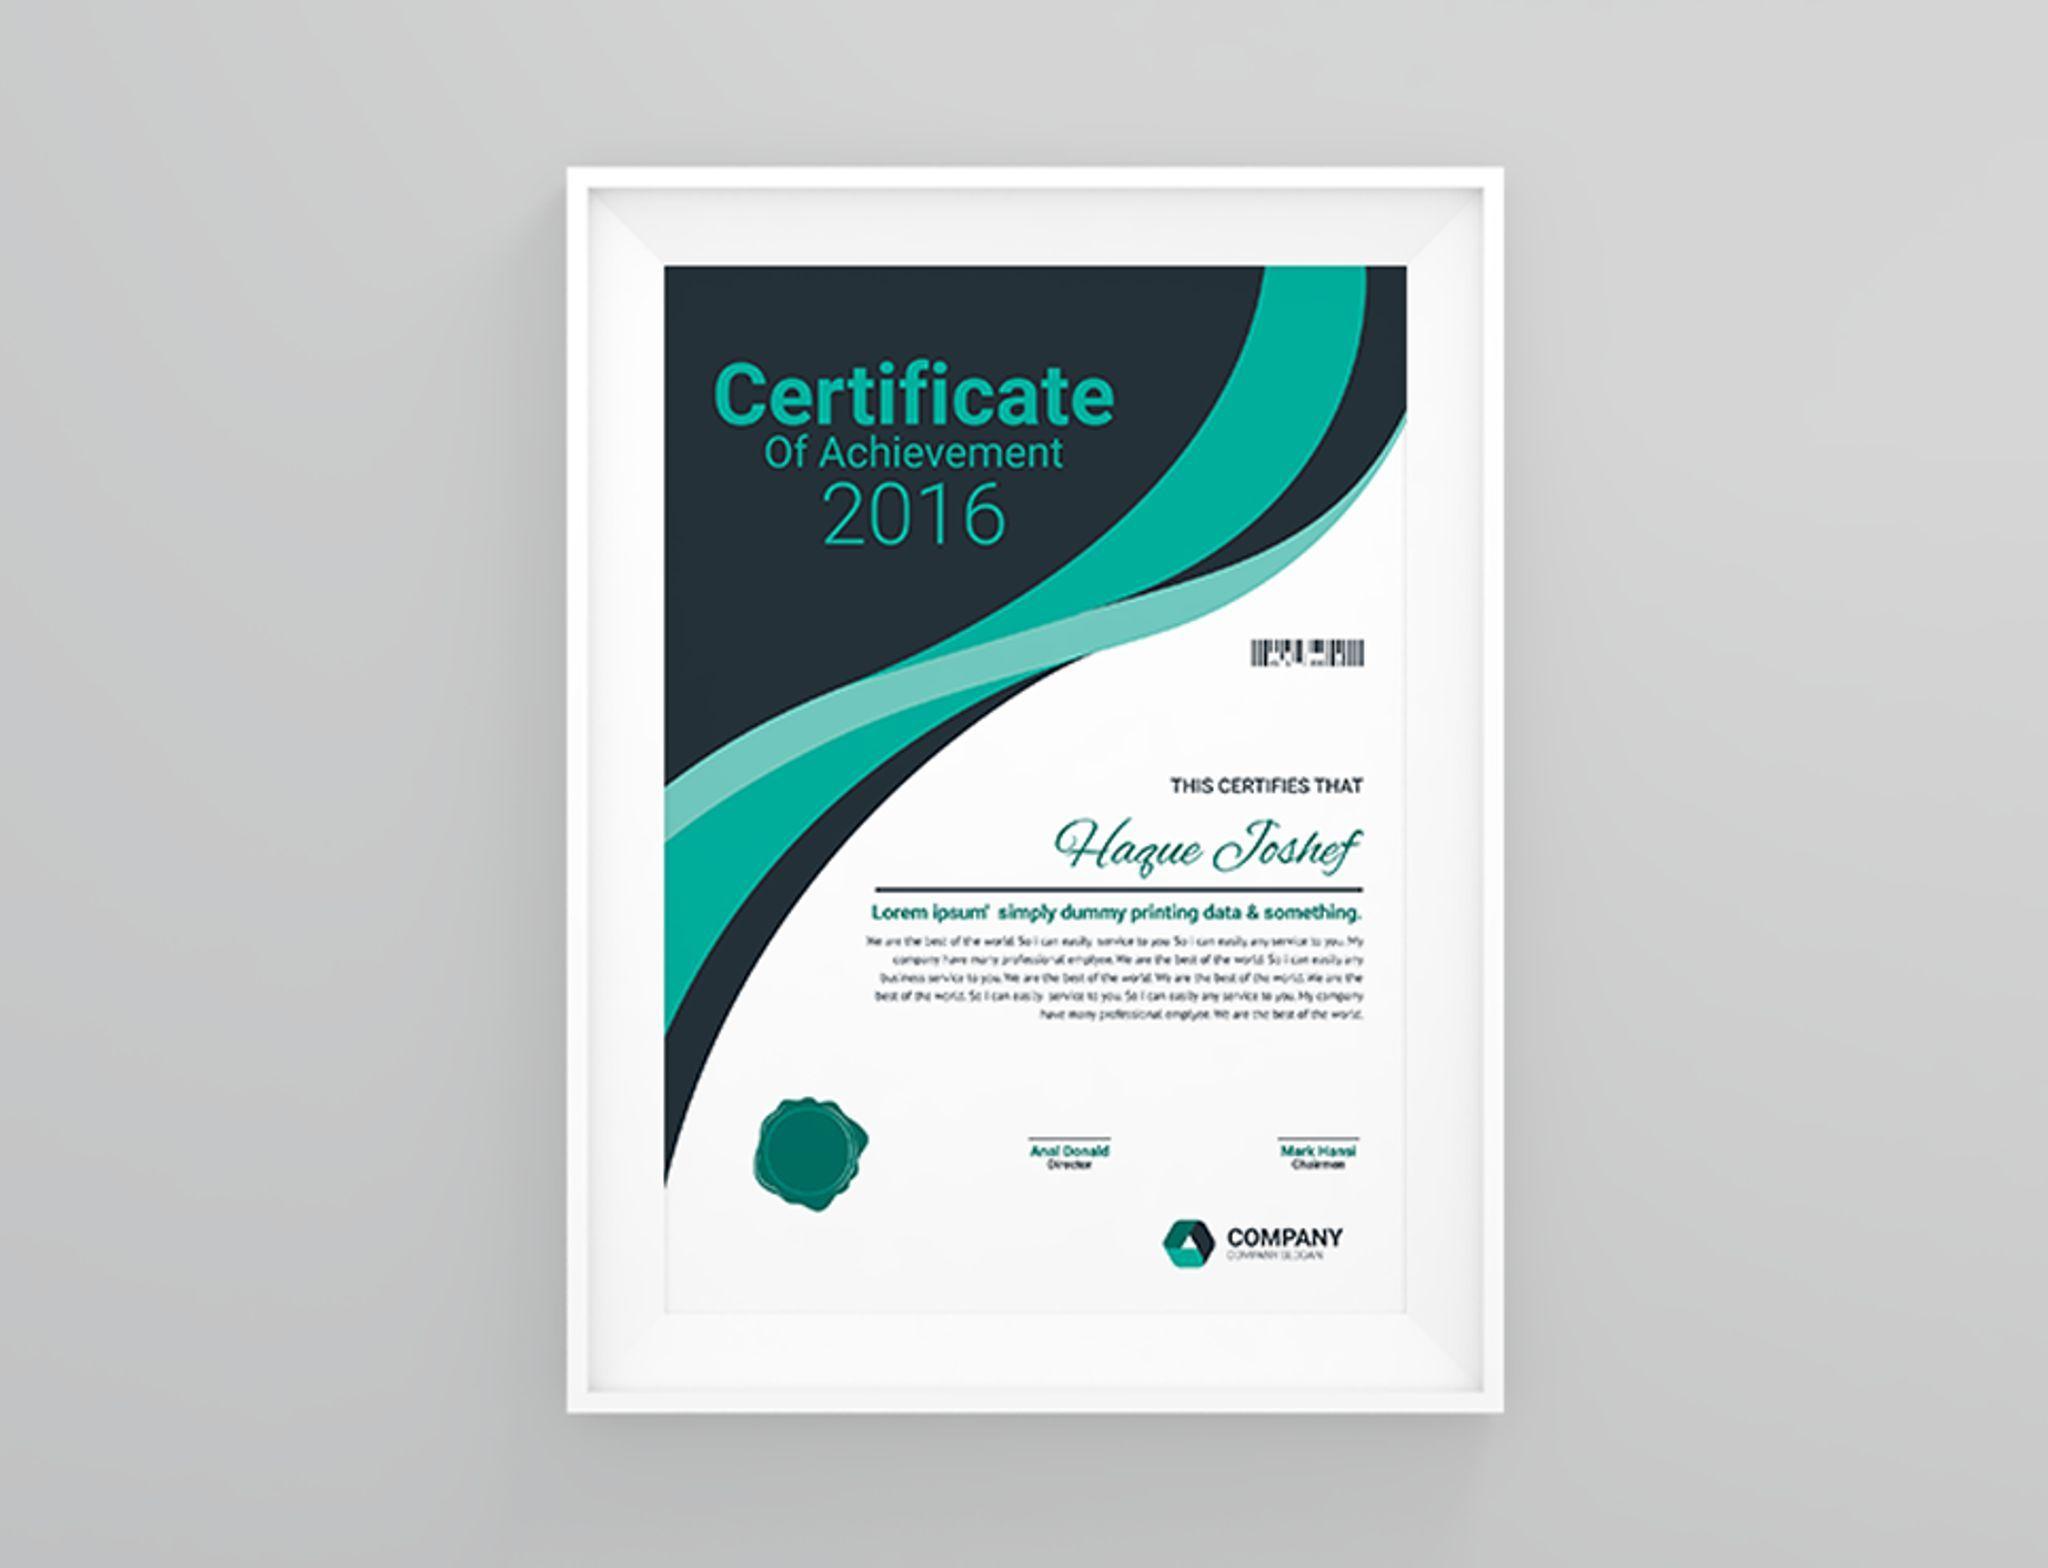 Insurance Company Certificate Template 66464 Certificate Templates Interior Design Courses Online Corporate Brochure Design